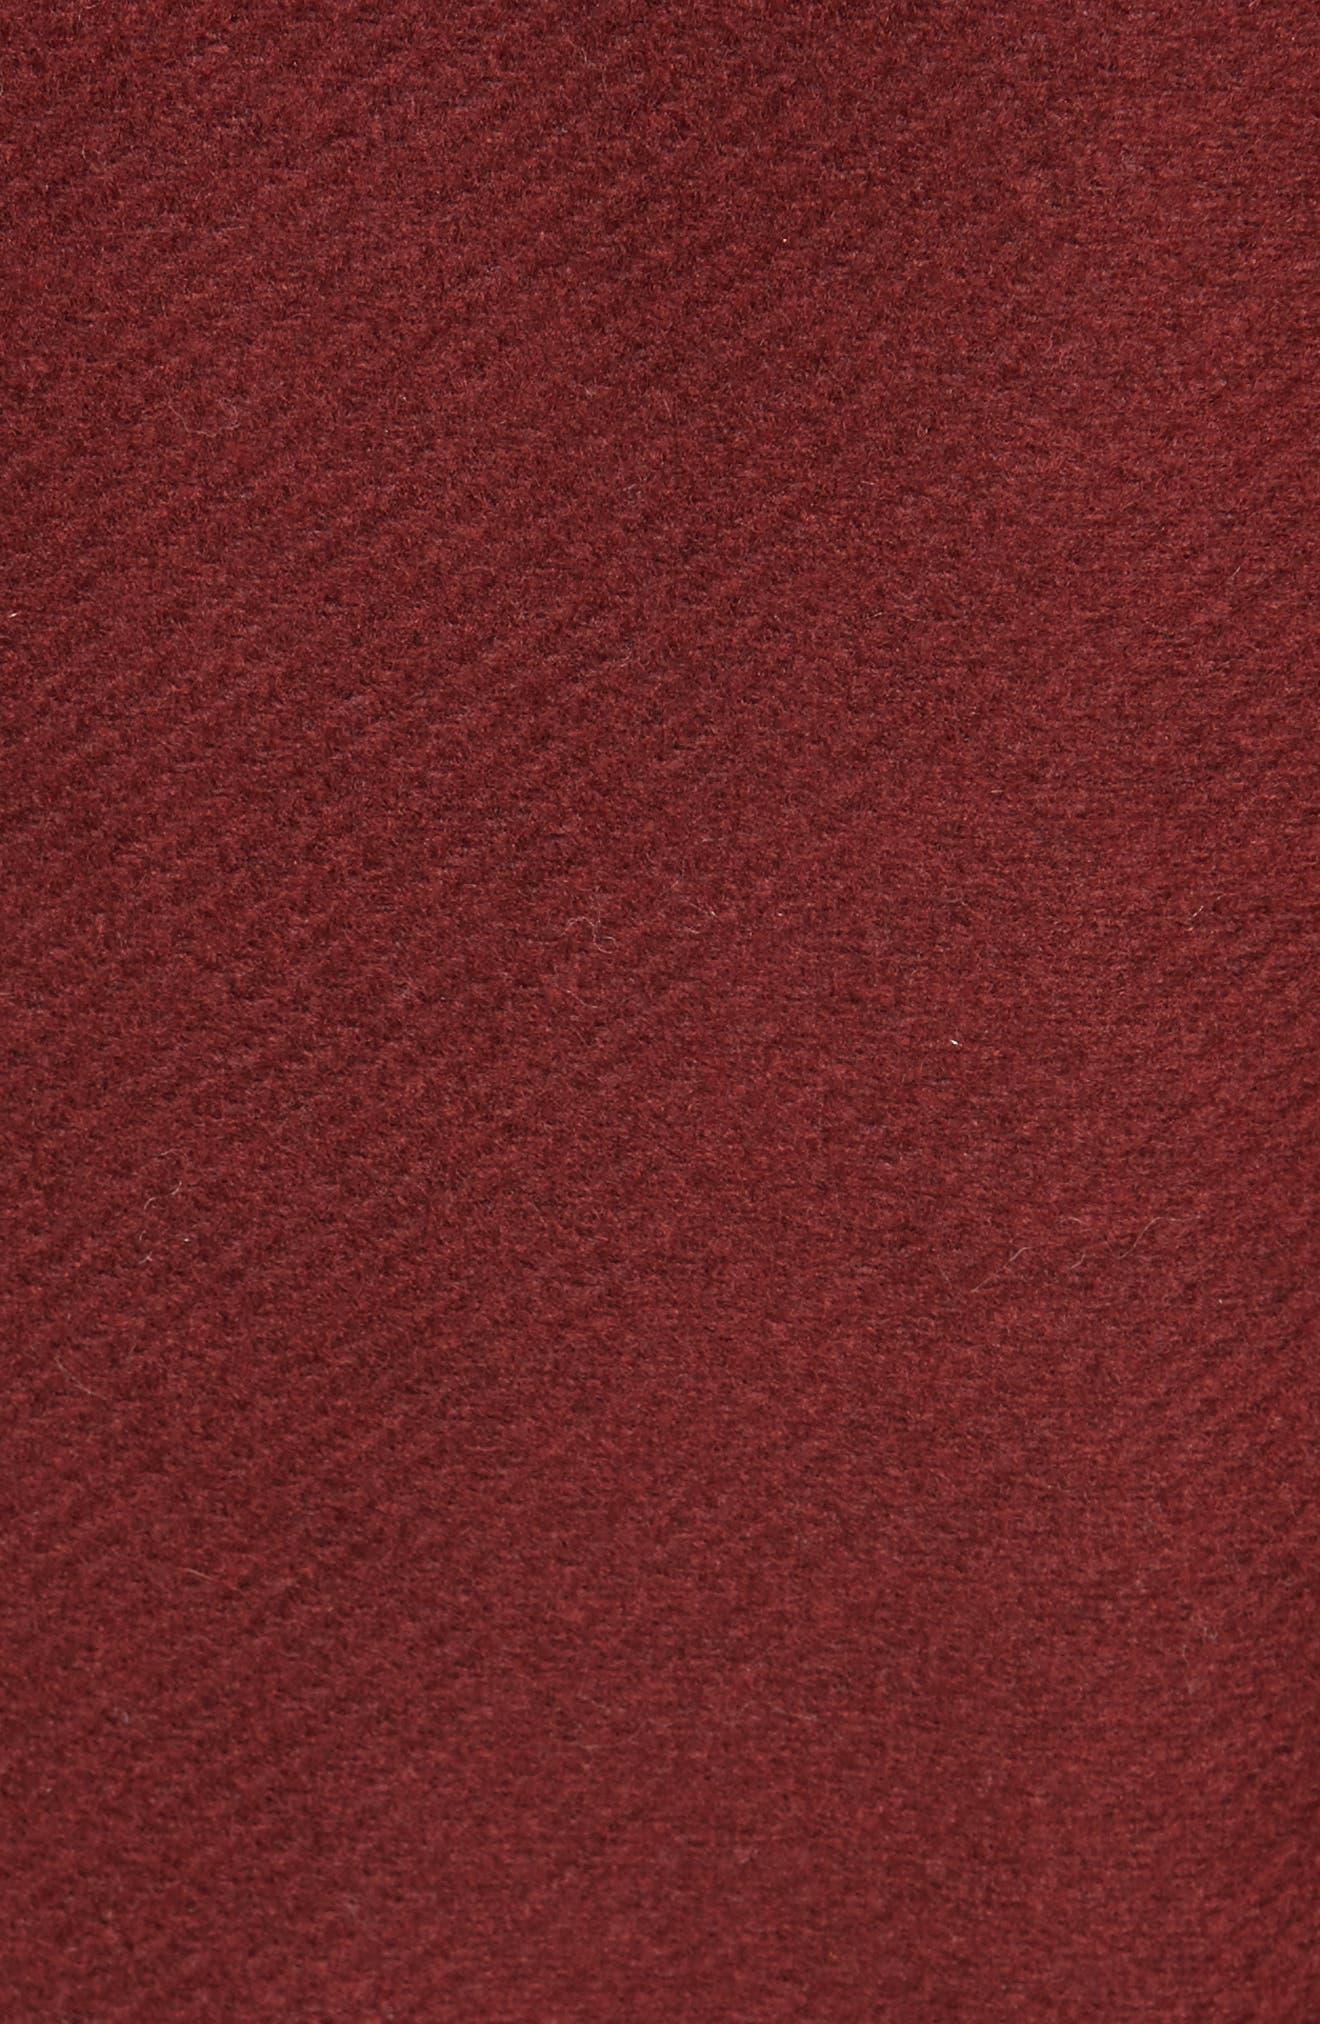 Alternate Image 3  - Burberry Gibbsmoore Funnel Collar Trench Coat (Nordstrom Exclusive)